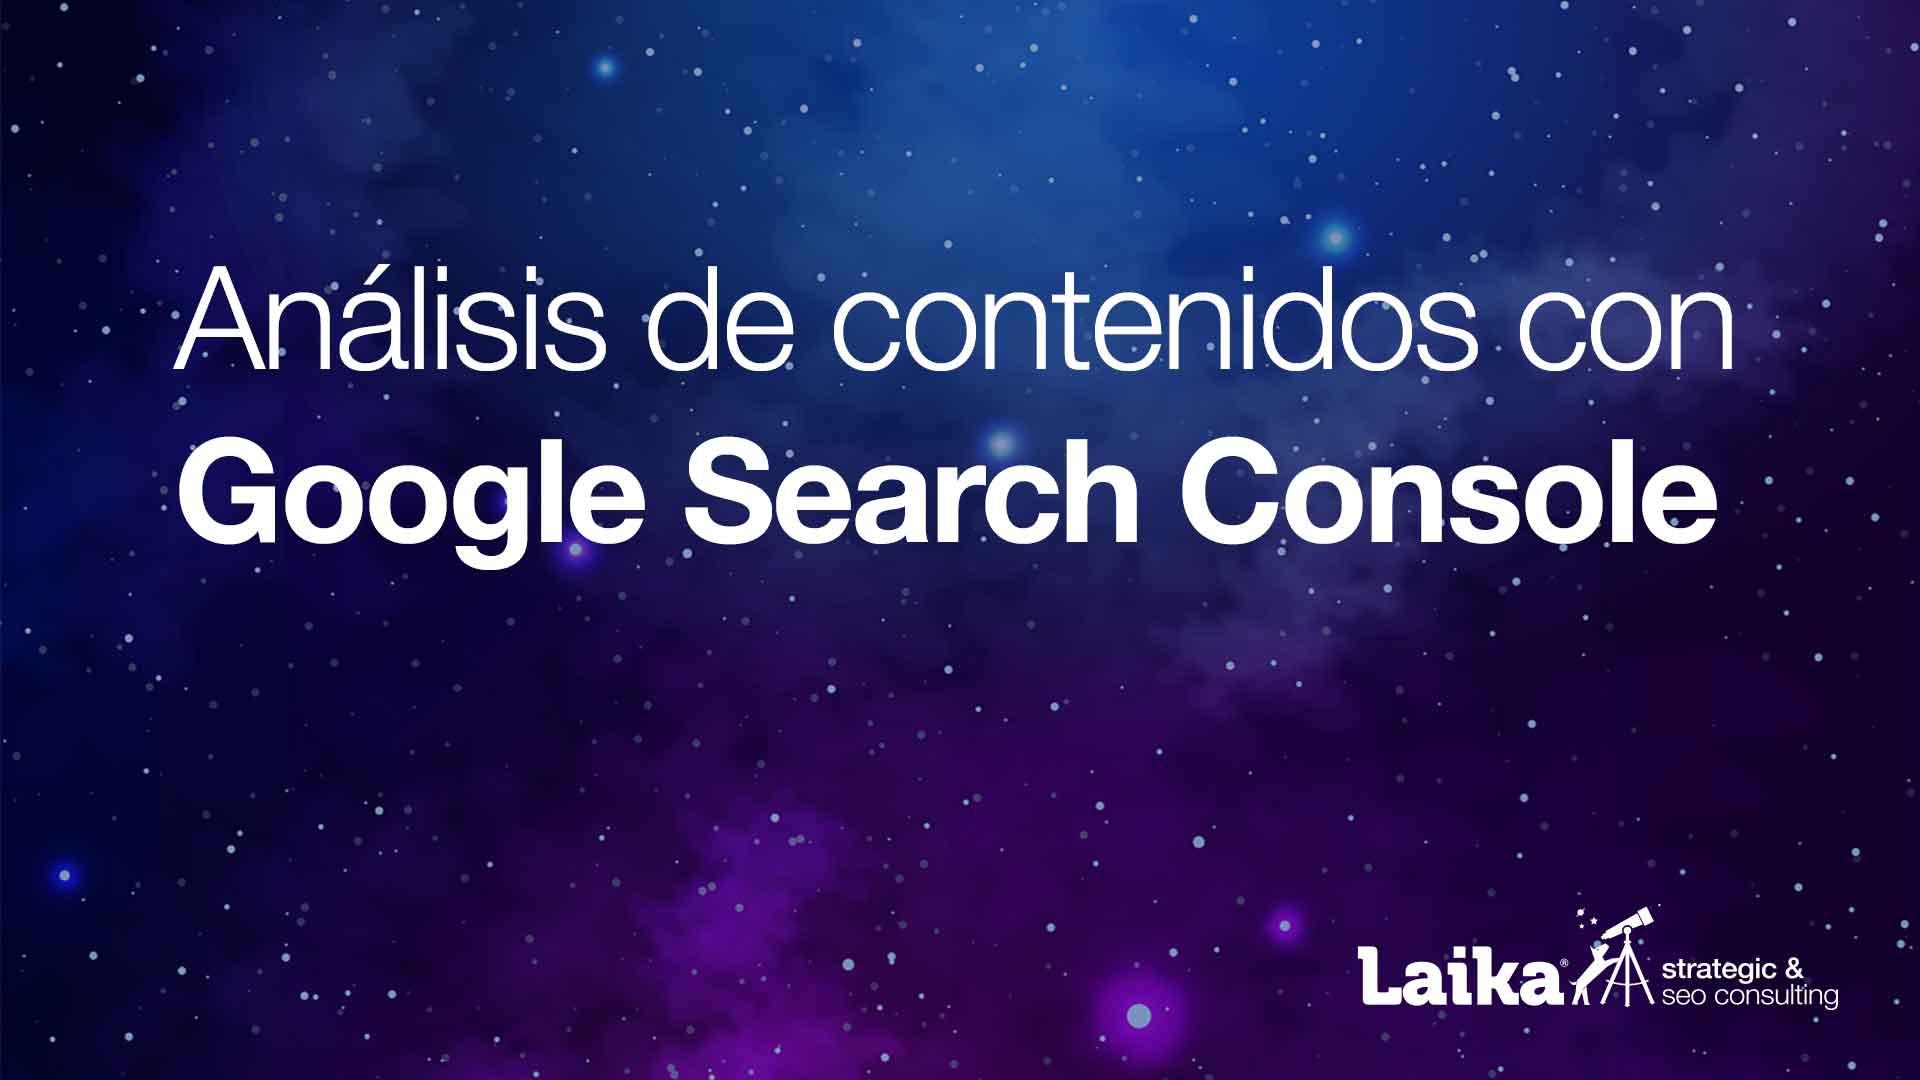 Análisis de contenidos con Google Webmaster Tools